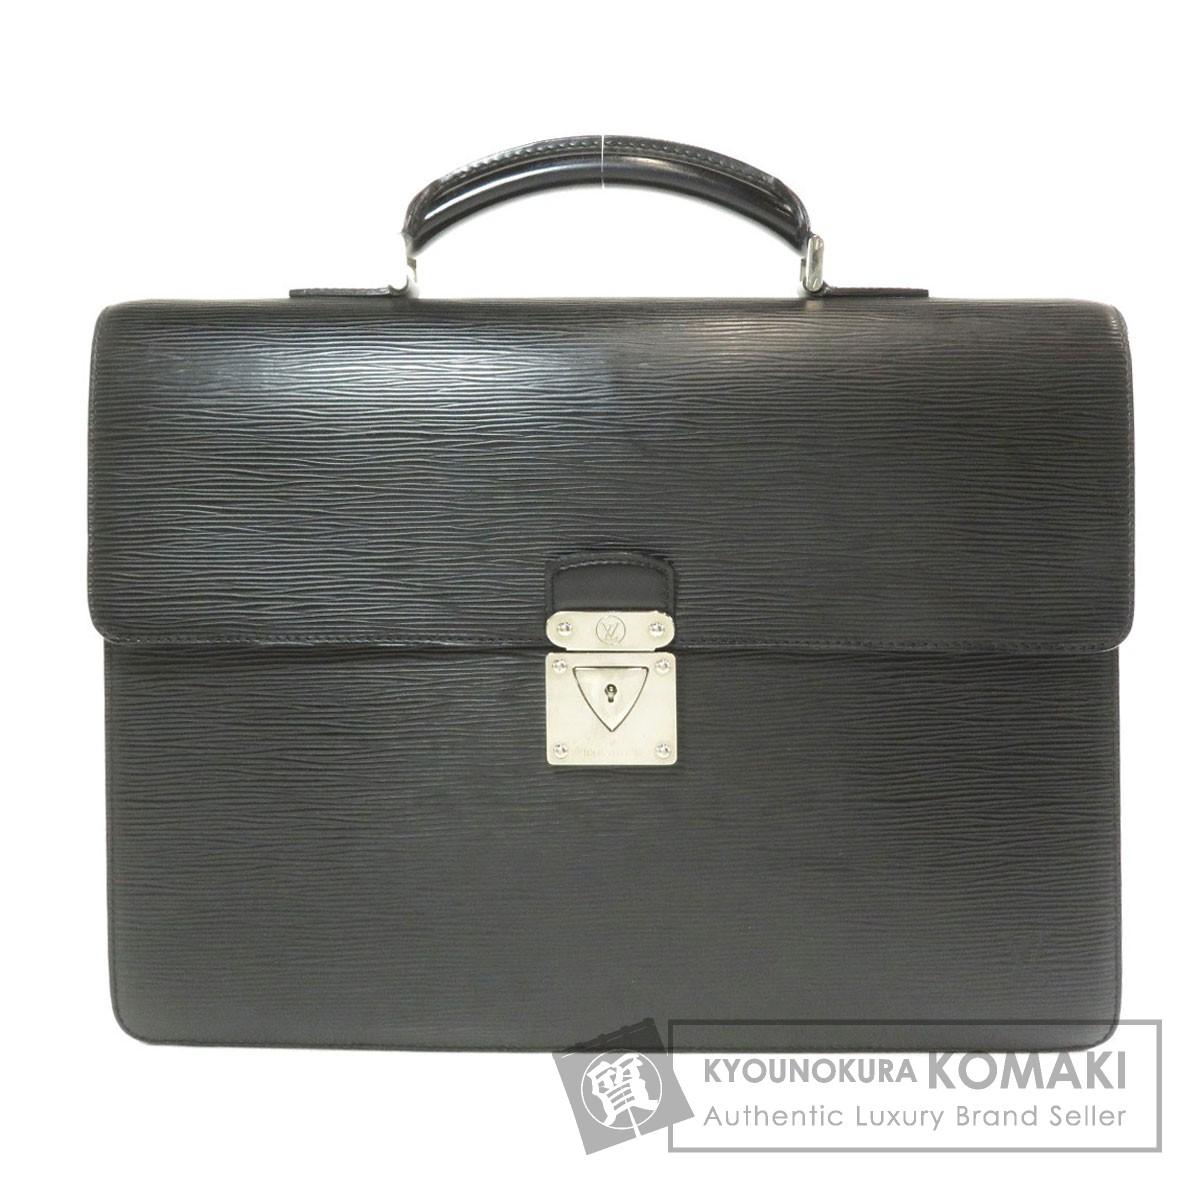 ルイヴィトン M54552 ラギート ビジネスバッグ エピレザー メンズ 【中古】【LOUIS VUITTON】